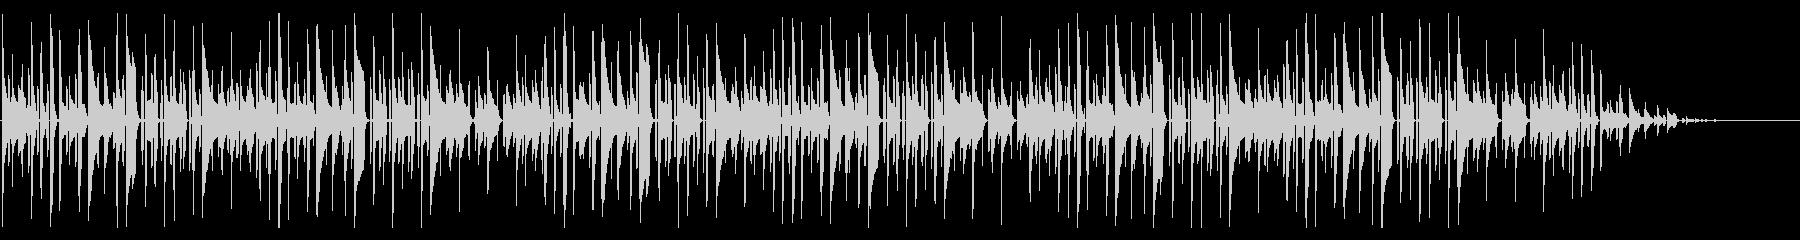 秋の童謡の定番「赤とんぼ」脱力系アレンジの未再生の波形